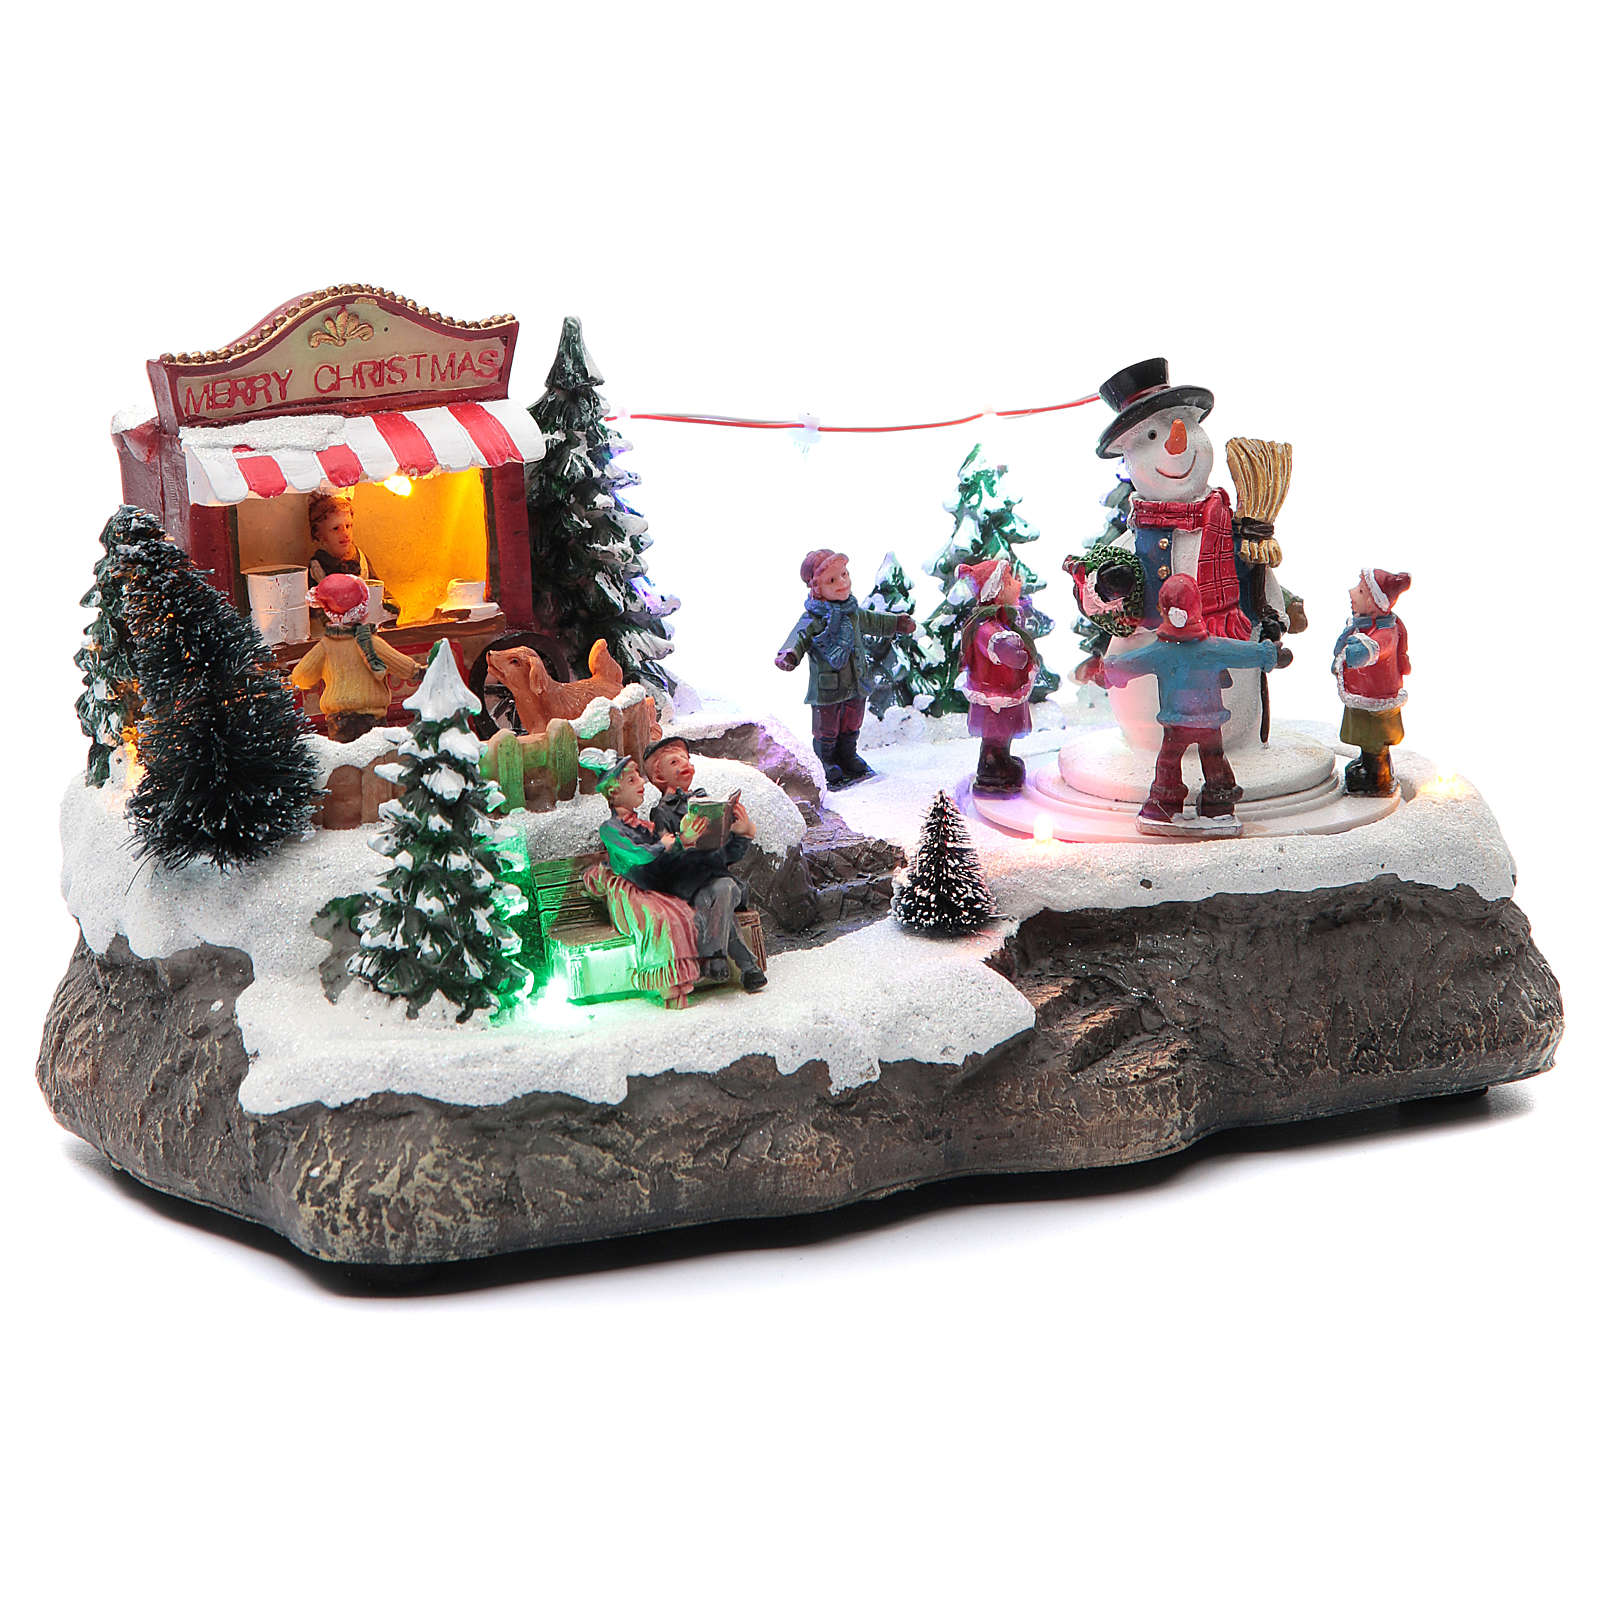 Pueblo Navideño en miniatura Corro muñeco de nieve 25x15x15 cm 3